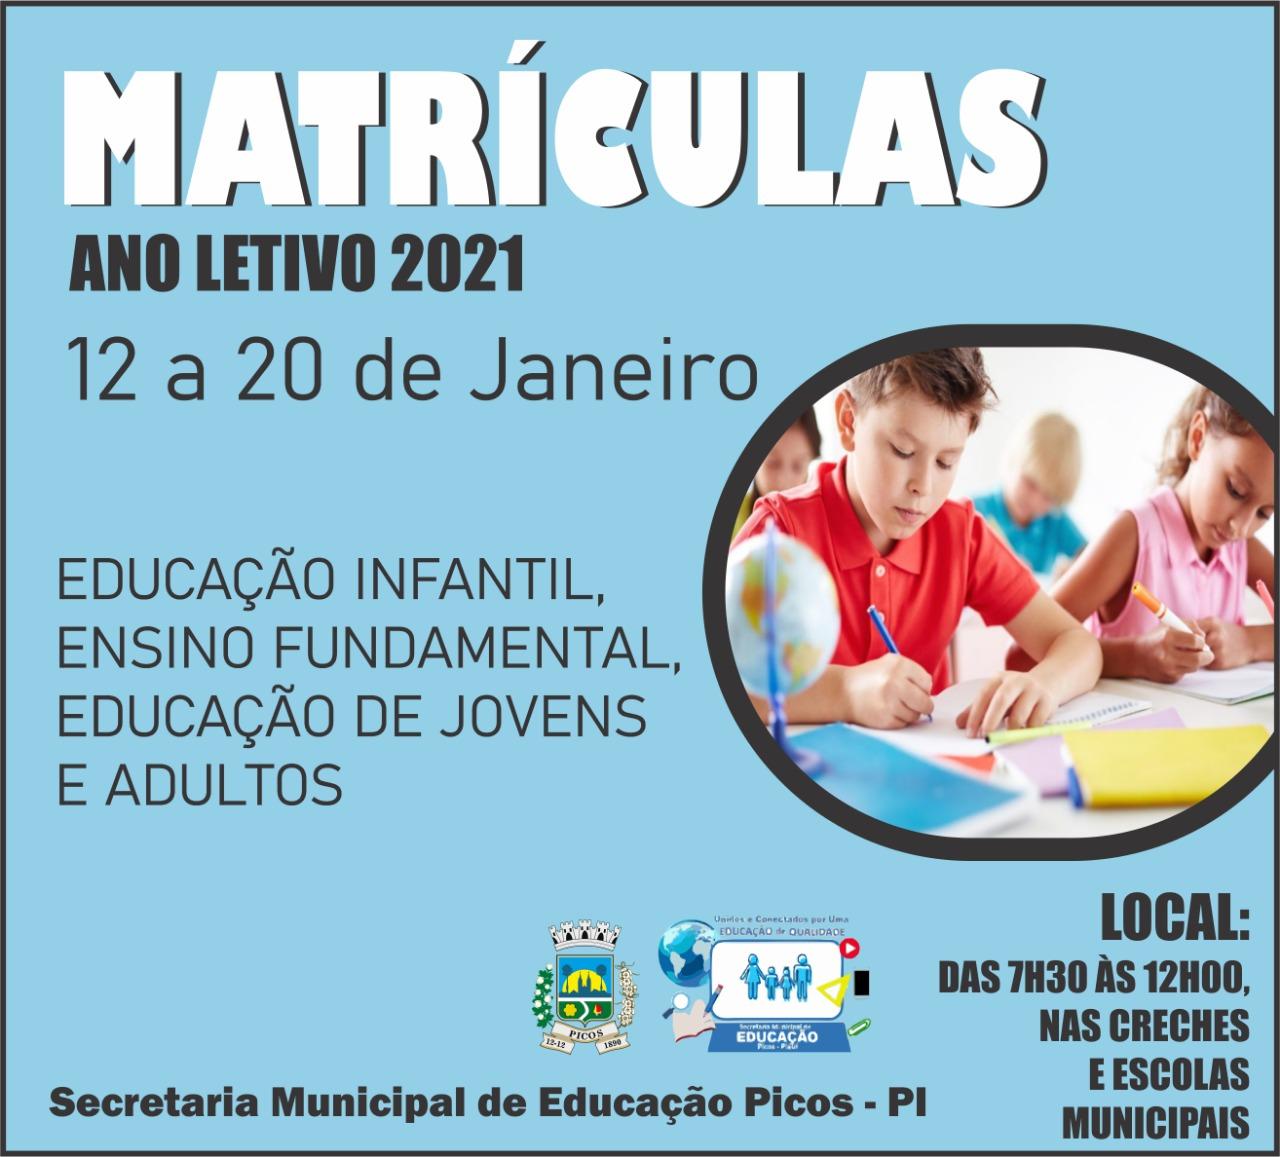 Matrículas para escolas da rede municipal de Picos começam nesta terça-feira (12)